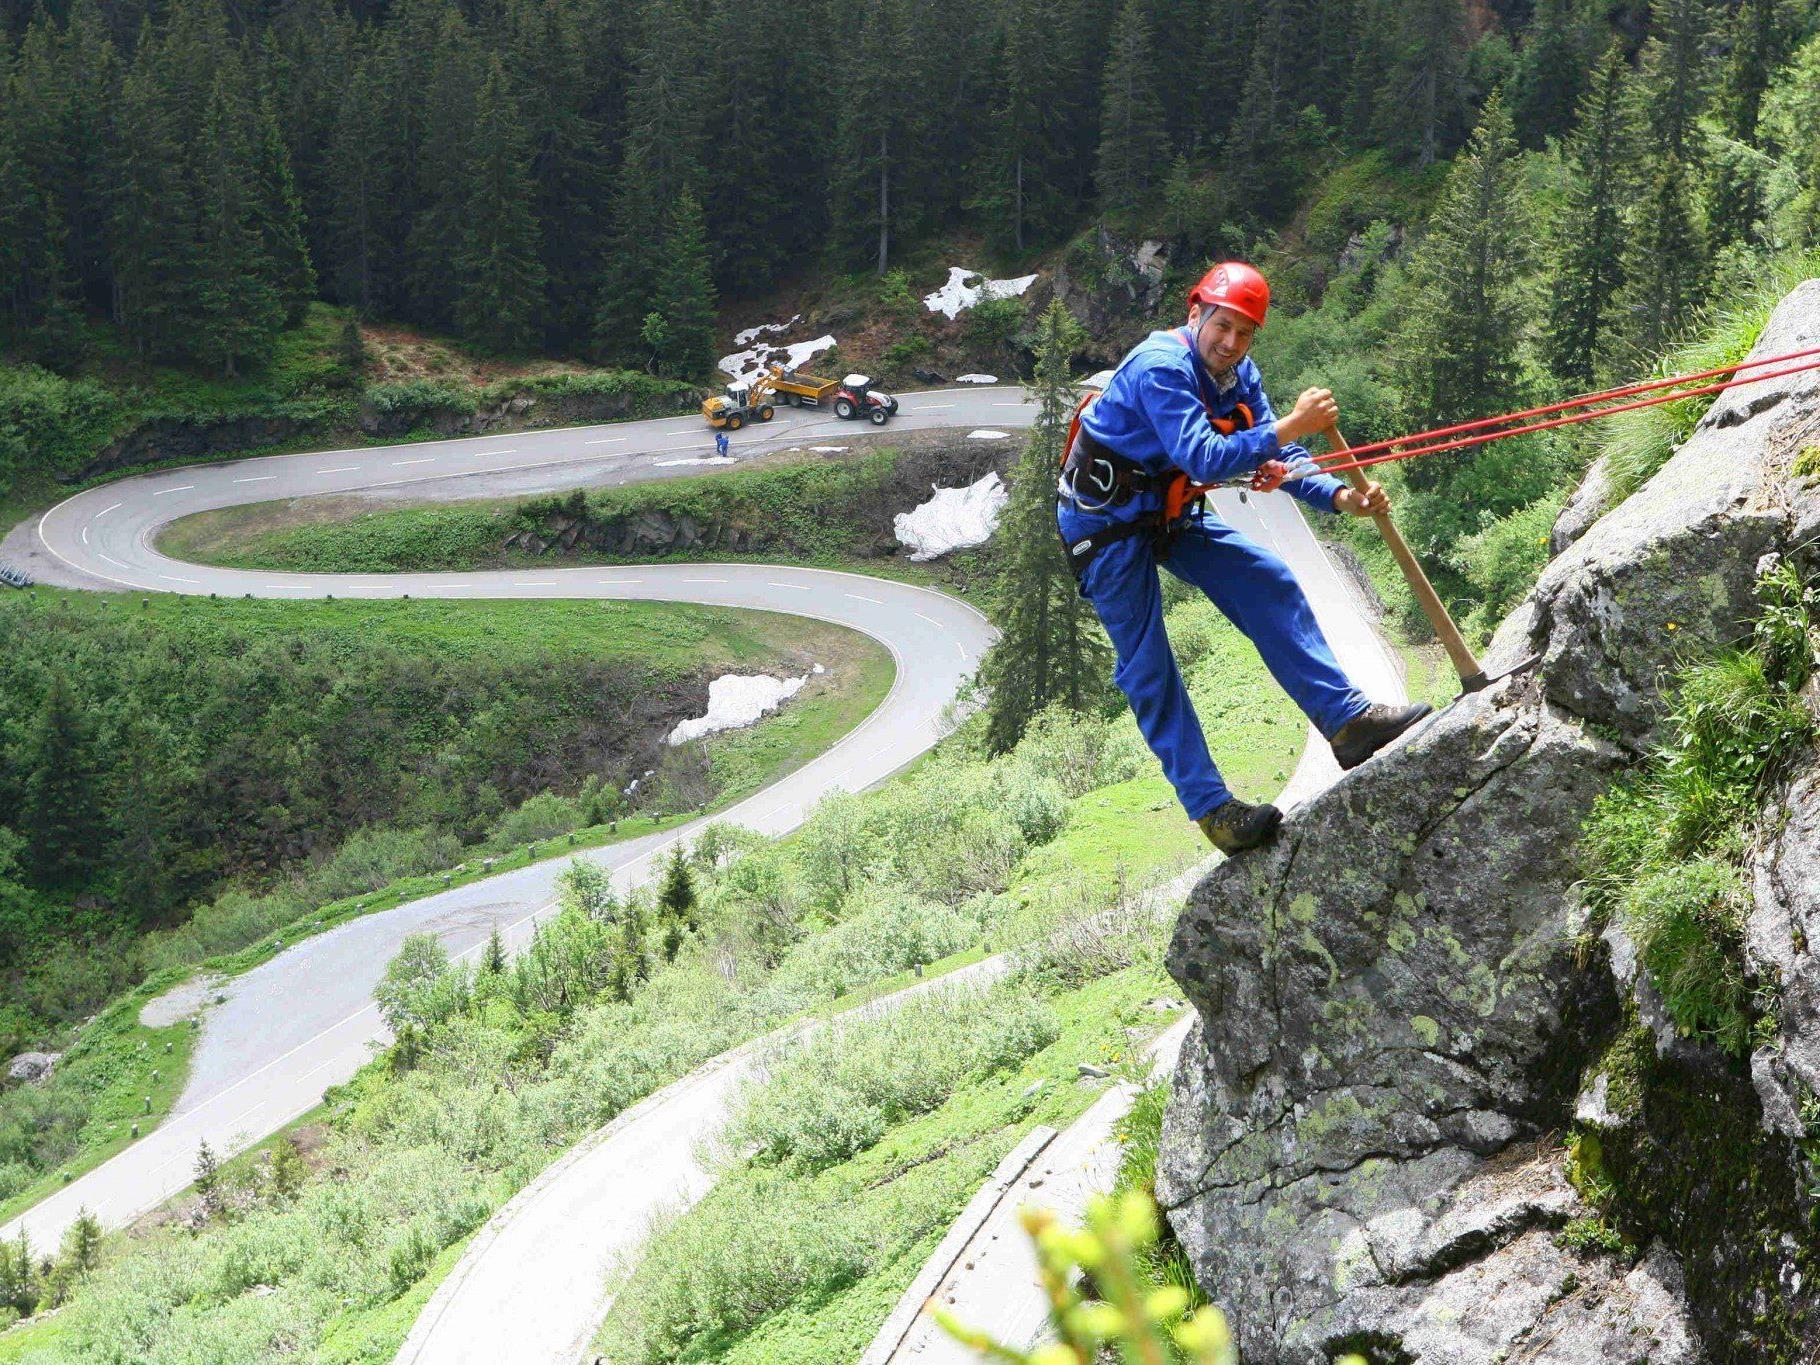 Die Silvretta Hochalpenstraße erfordert jedes Frühjahr umfassende Räumungs- und Sicherungsarbeiten.